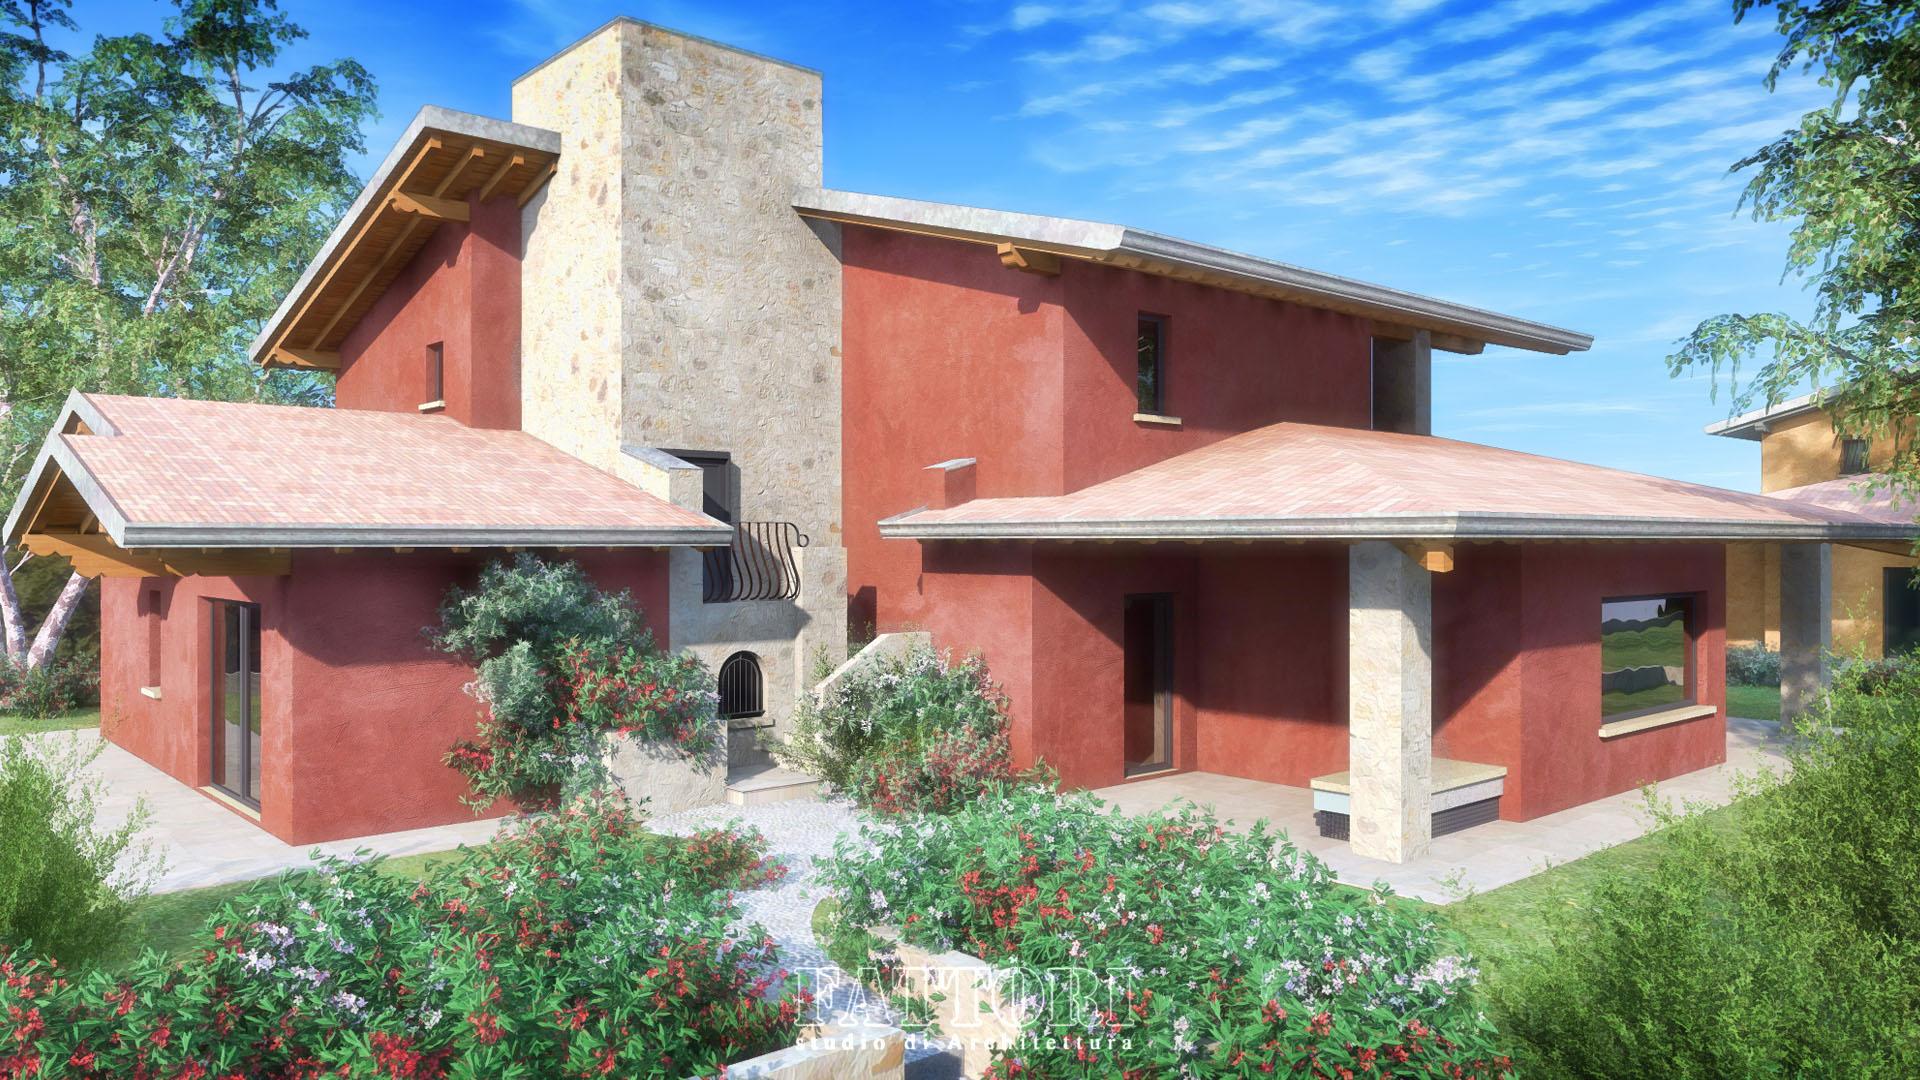 studio_di_architettura_fattori_fausto_progettazione ville case residenziali_5